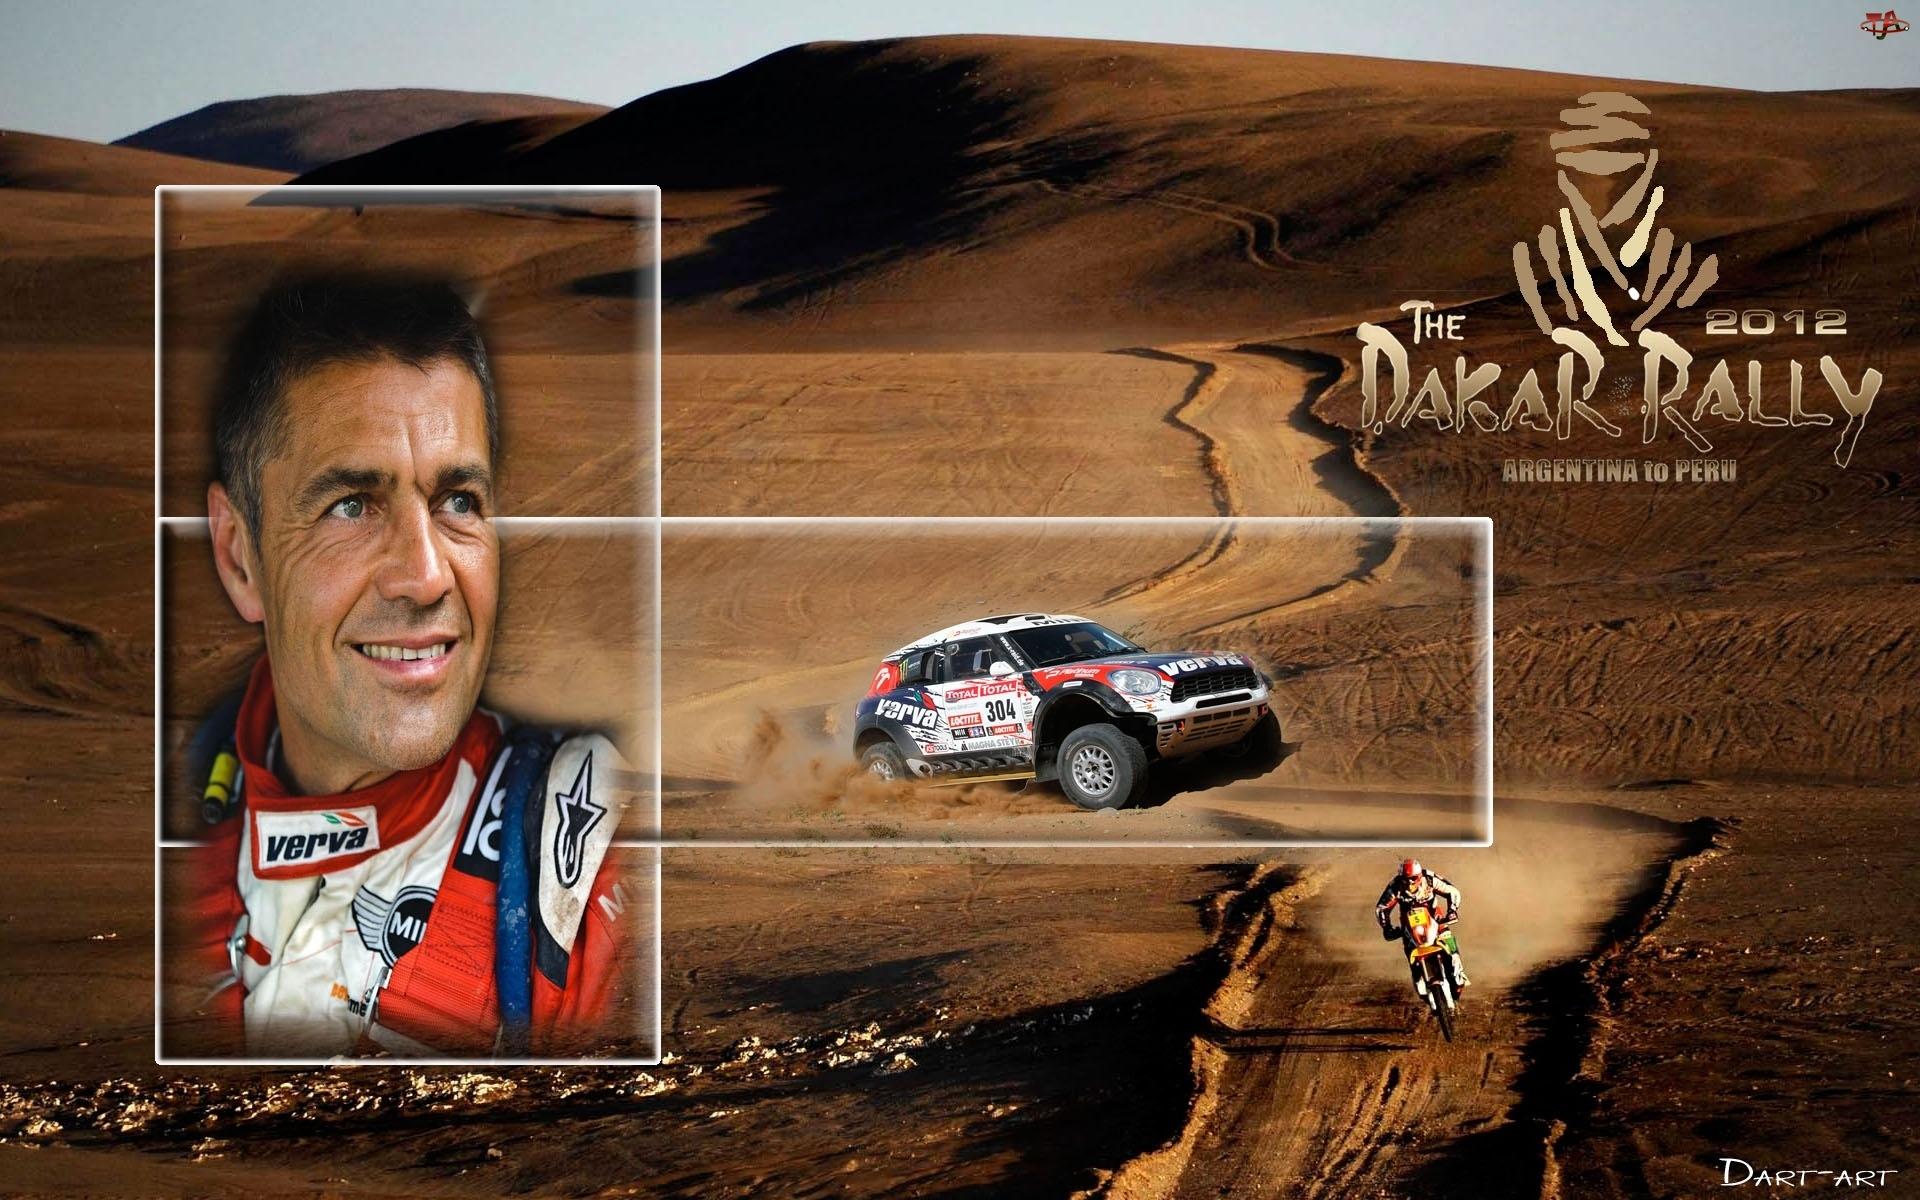 Dakar 2012, Krzysztof Hołowczyc